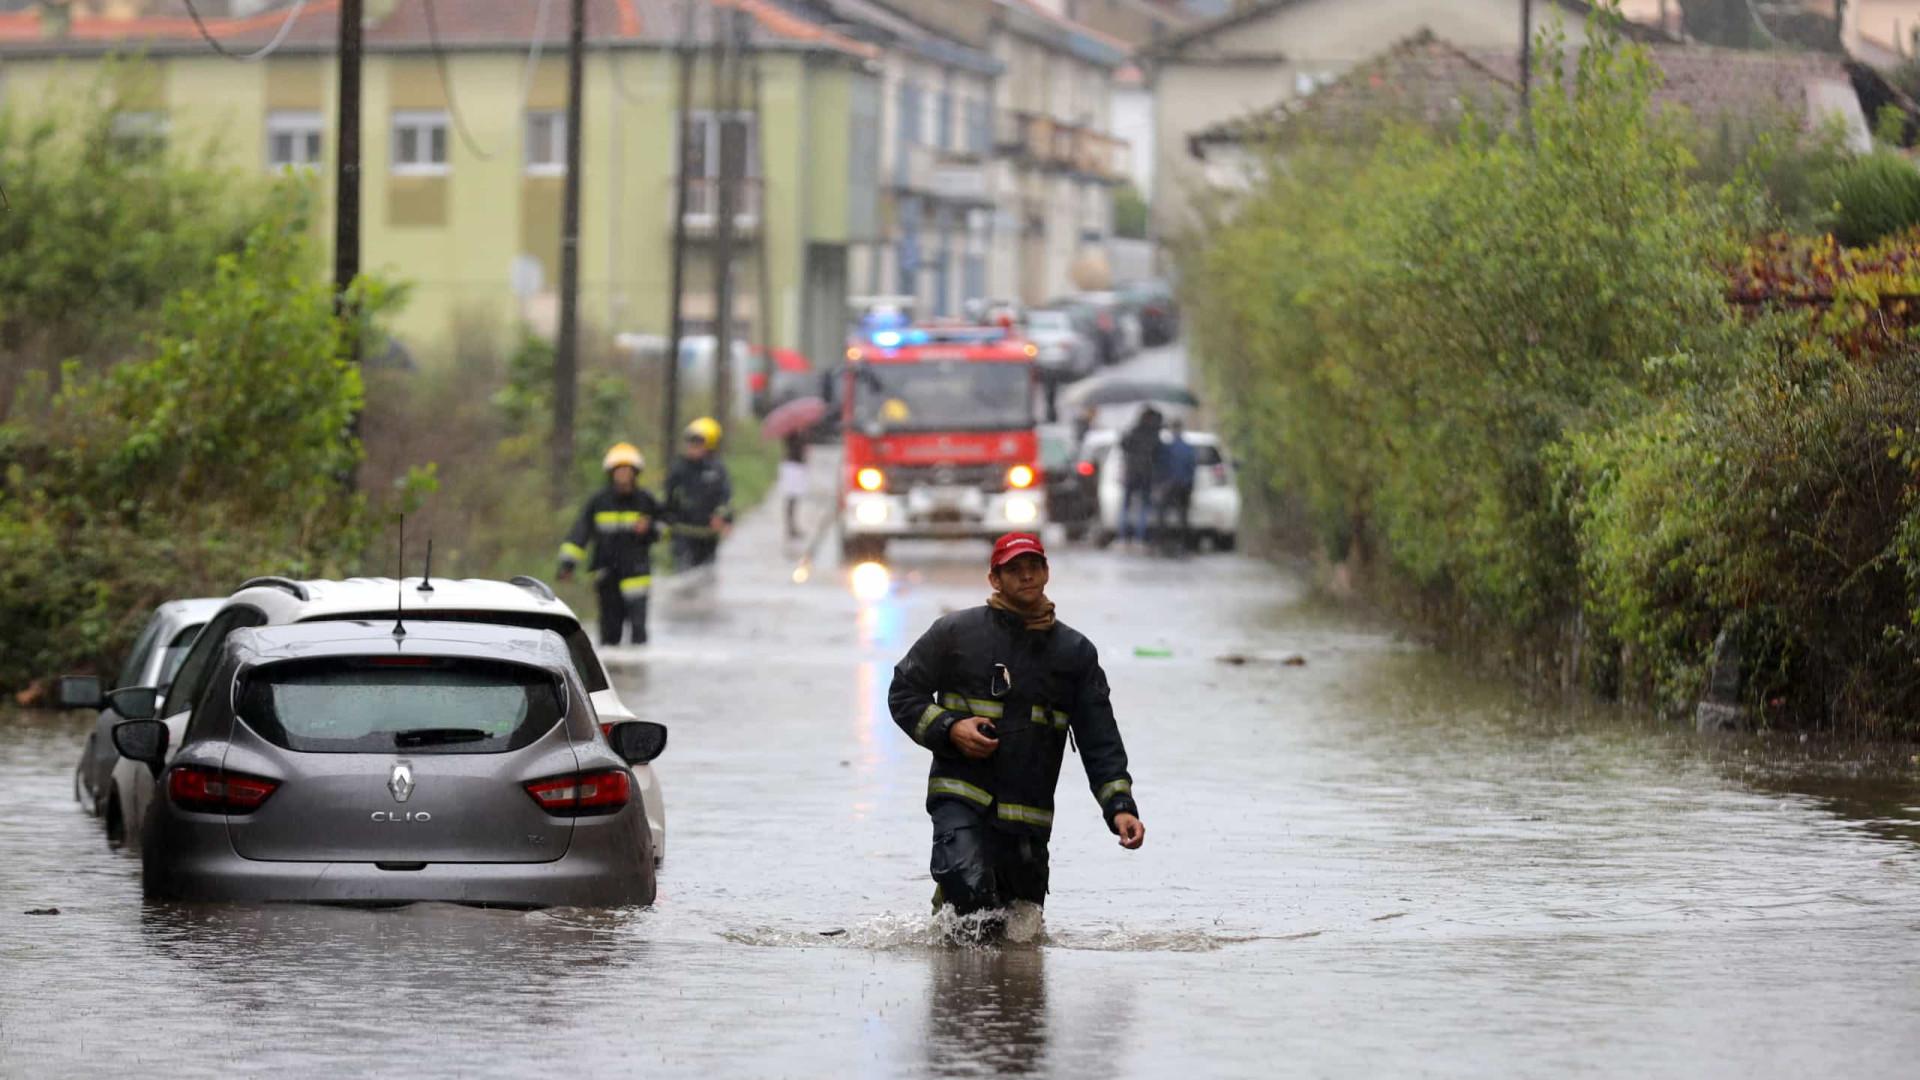 Carros submersos, inundações e voos desviados. As imagens do mau tempo